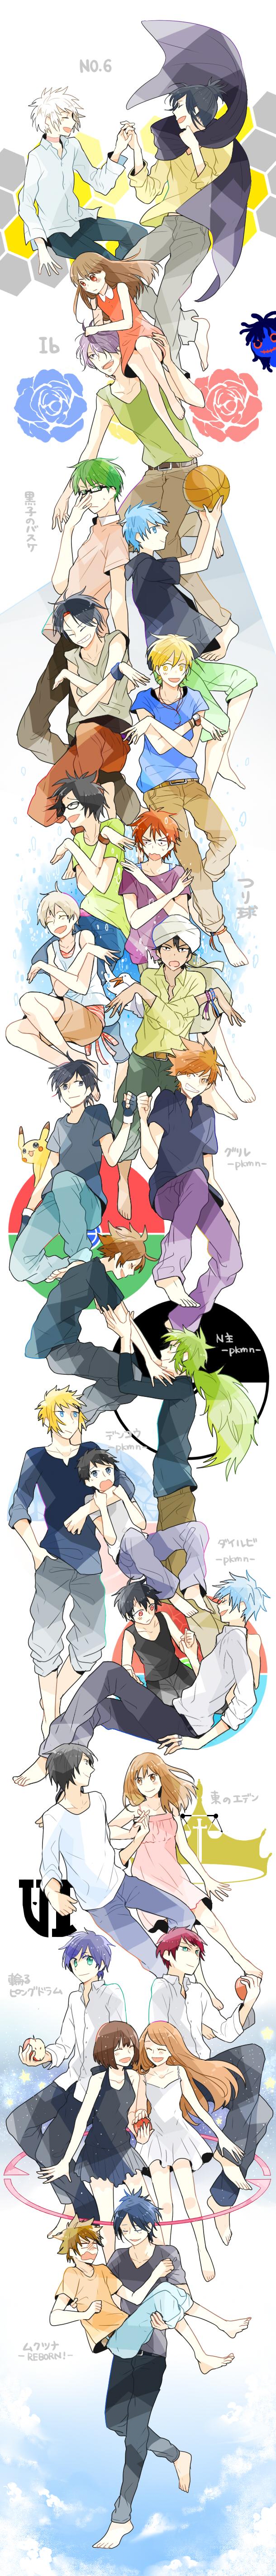 Tags: Anime, Moss (kokeoff), Kuroko no Basuke, Mawaru Penguindrum, No.6, Higashi no Eden, Katekyo Hitman REBORN!, Tsuritama, Ib, Pokémon, Pikachu, Haru (Tsuritama), Yuuki (Pokémon)